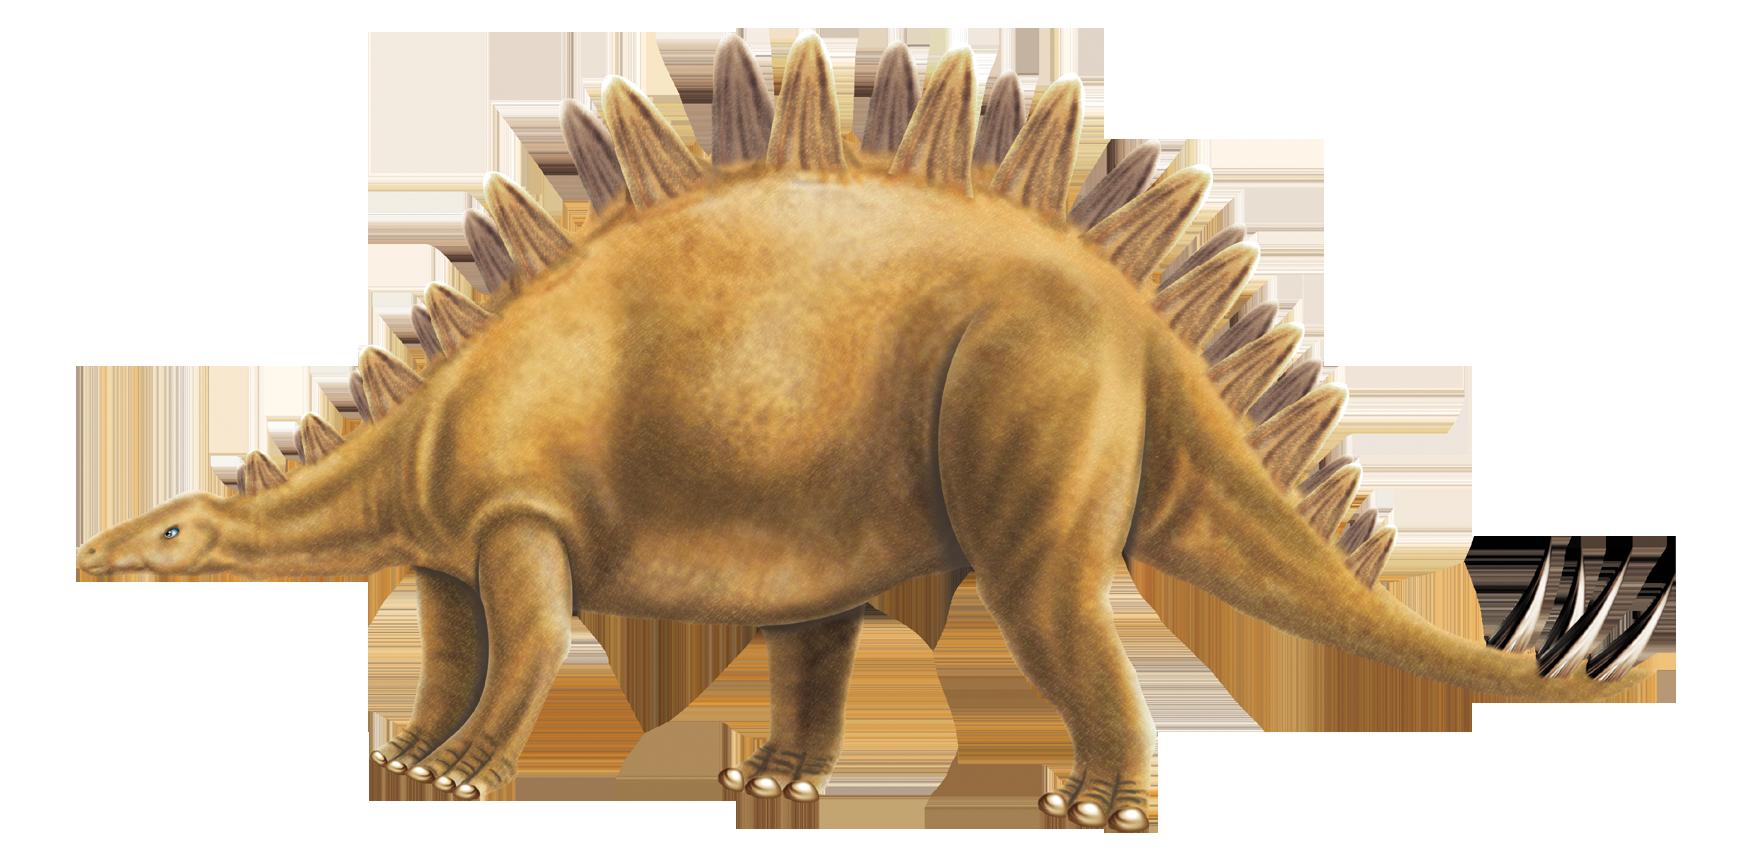 Stegosaurus Dinosaur Picture